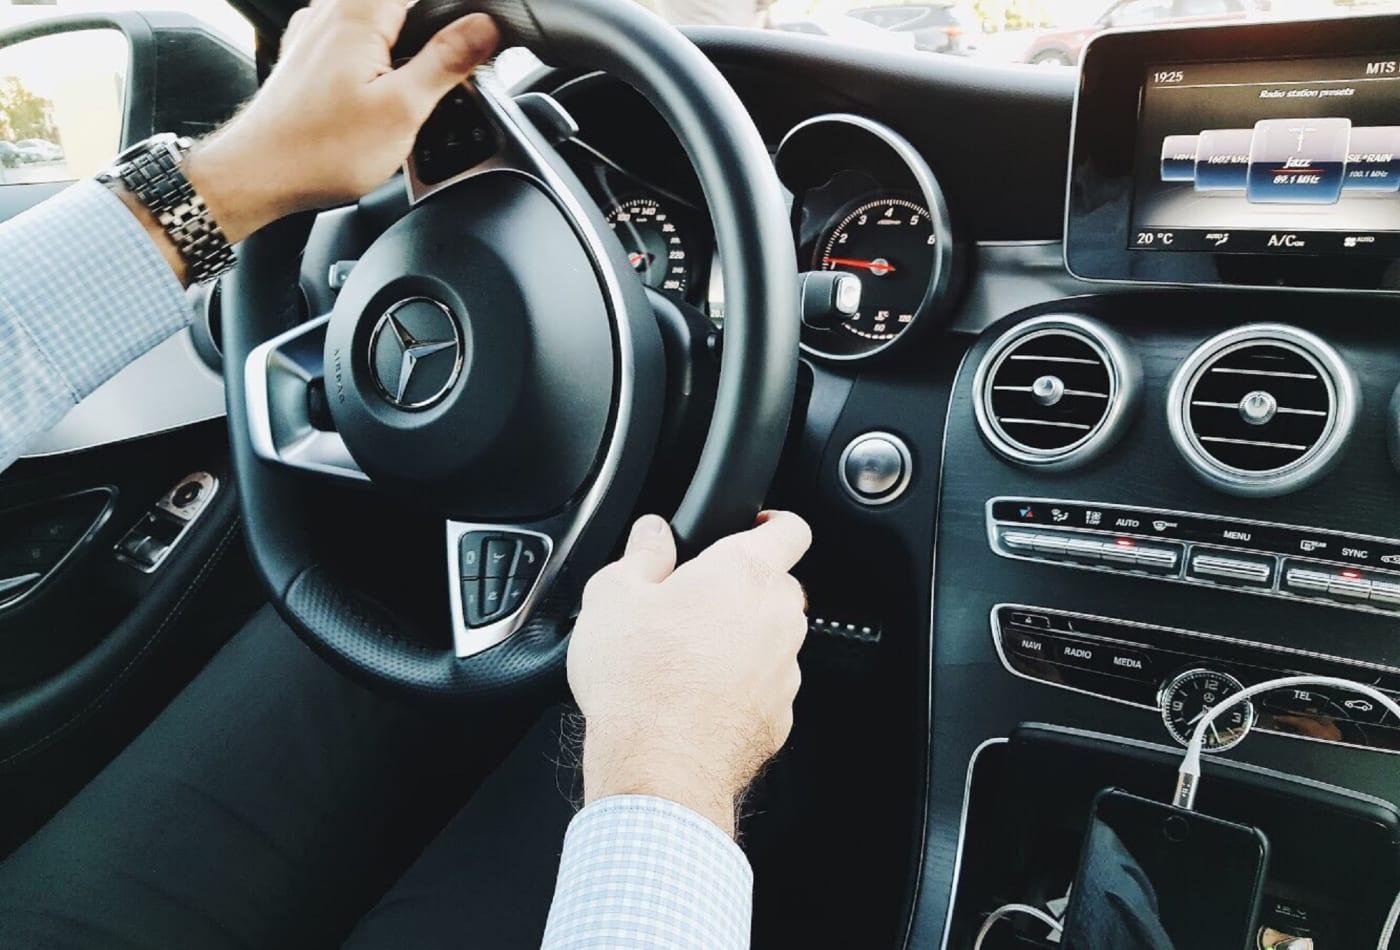 الرجال أم النساء.. من الأكثر مخاطرة عند قيادة السيارات؟